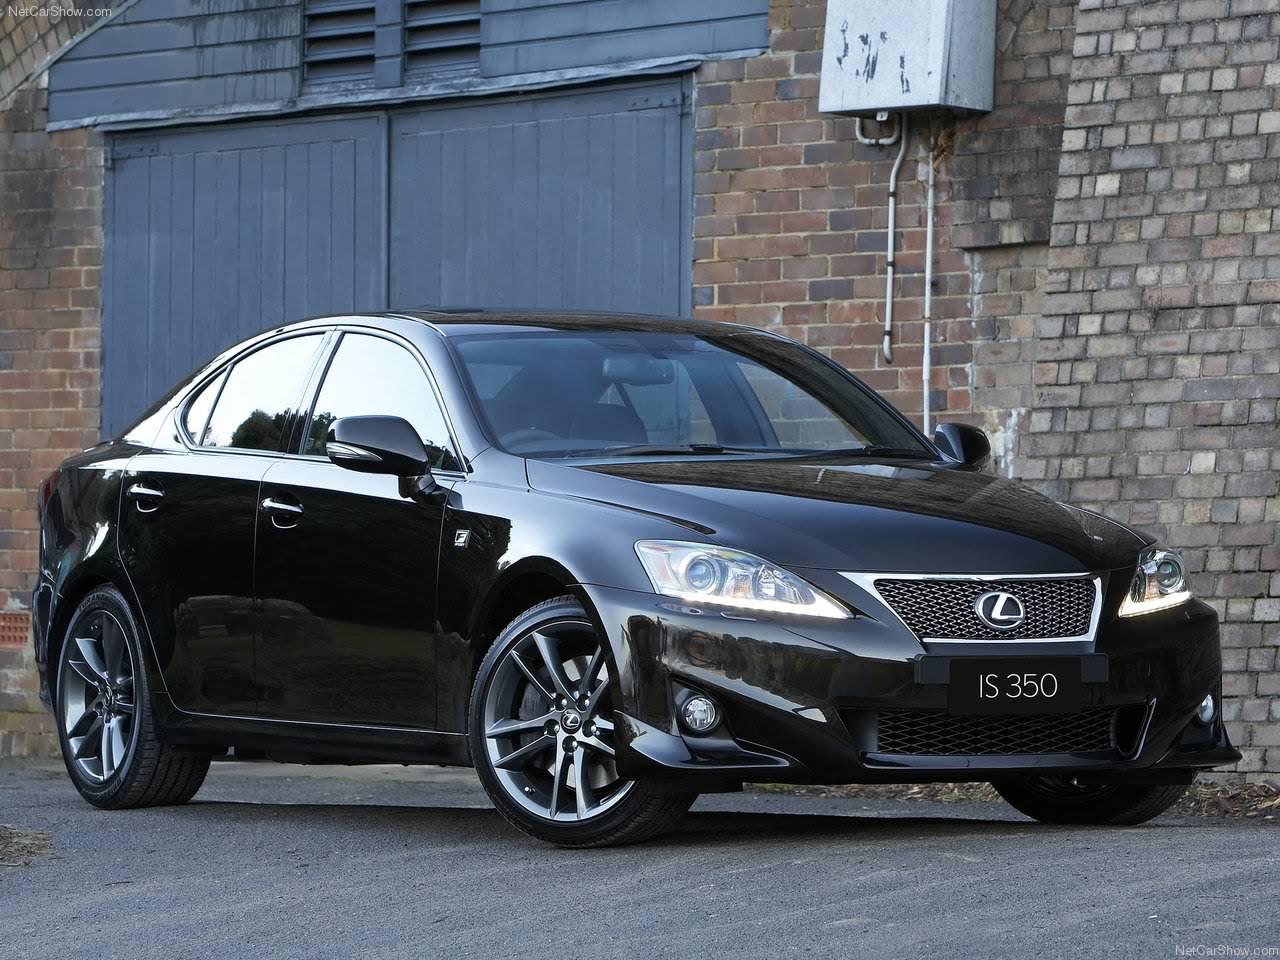 http://1.bp.blogspot.com/_Uy6Hmfaw1u0/TNEU1Ld9bGI/AAAAAAAAN7o/zIKo9Sdbu1o/s1600/Lexus-IS_350_F_Sport_2011_1280x960_wallpaper_07.jpg